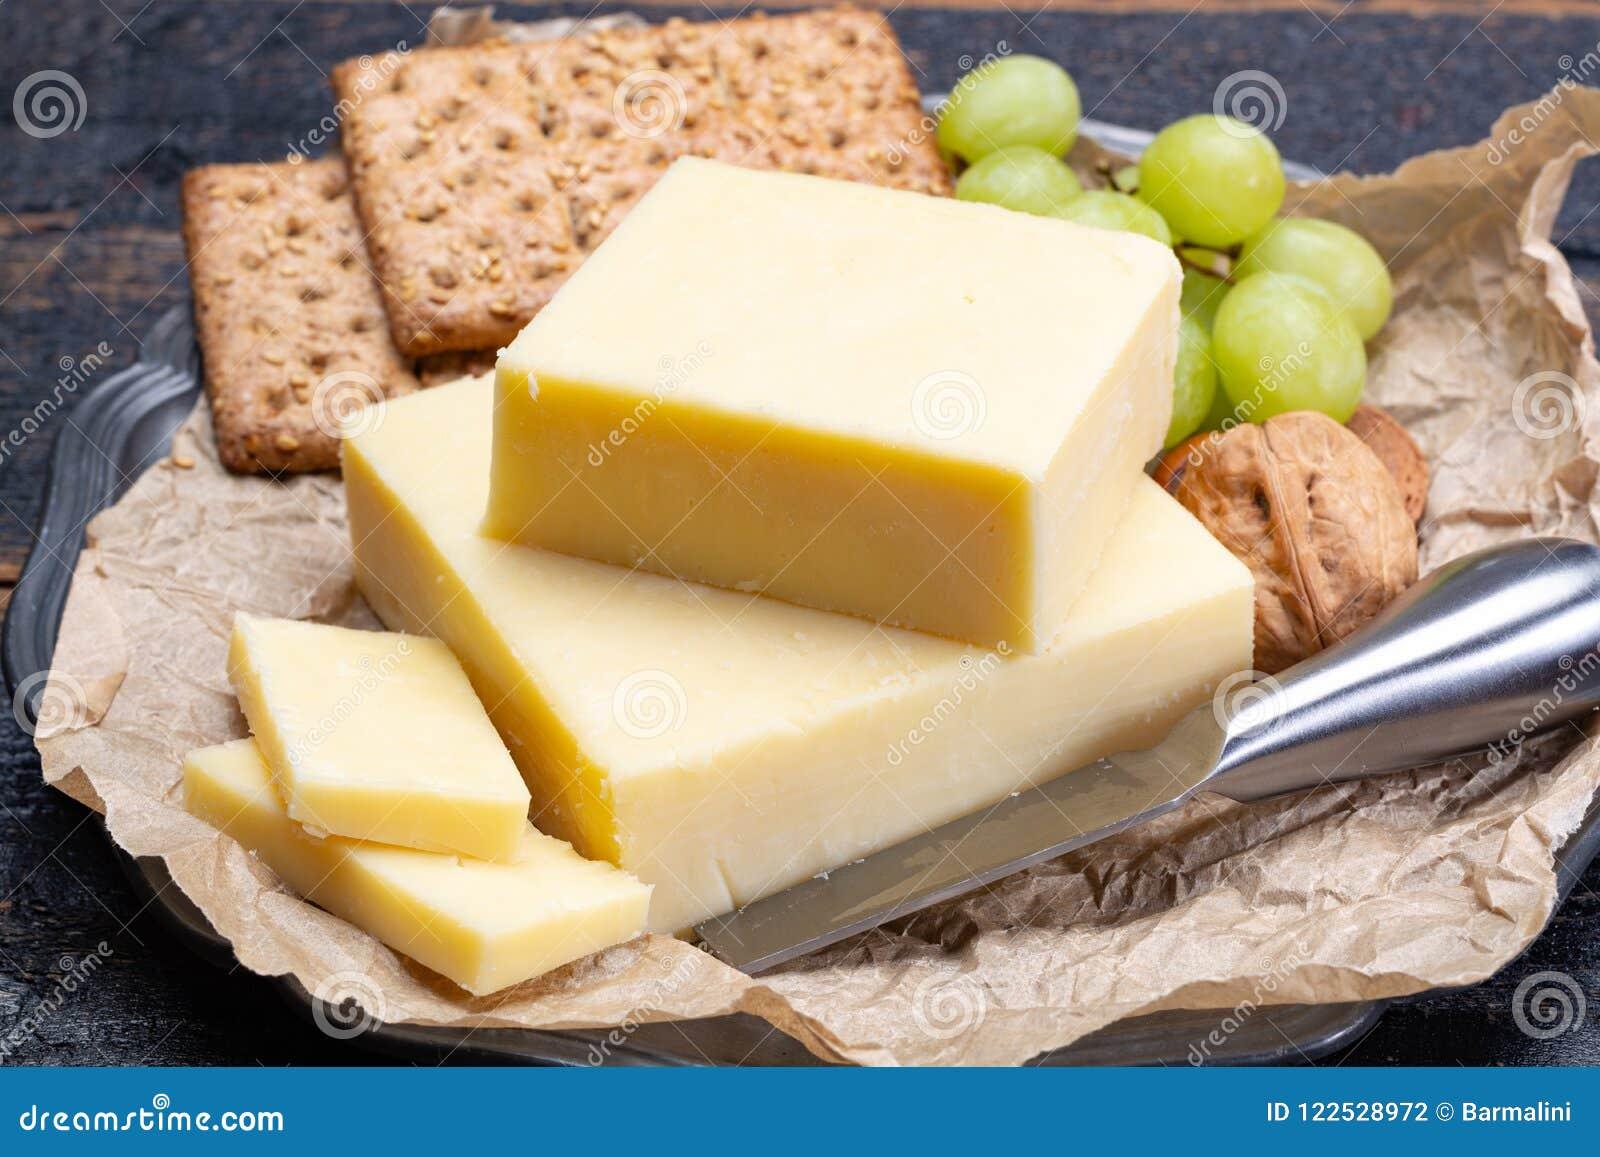 Bloque de queso cheddar envejecido, el tipo más popular de queso adentro